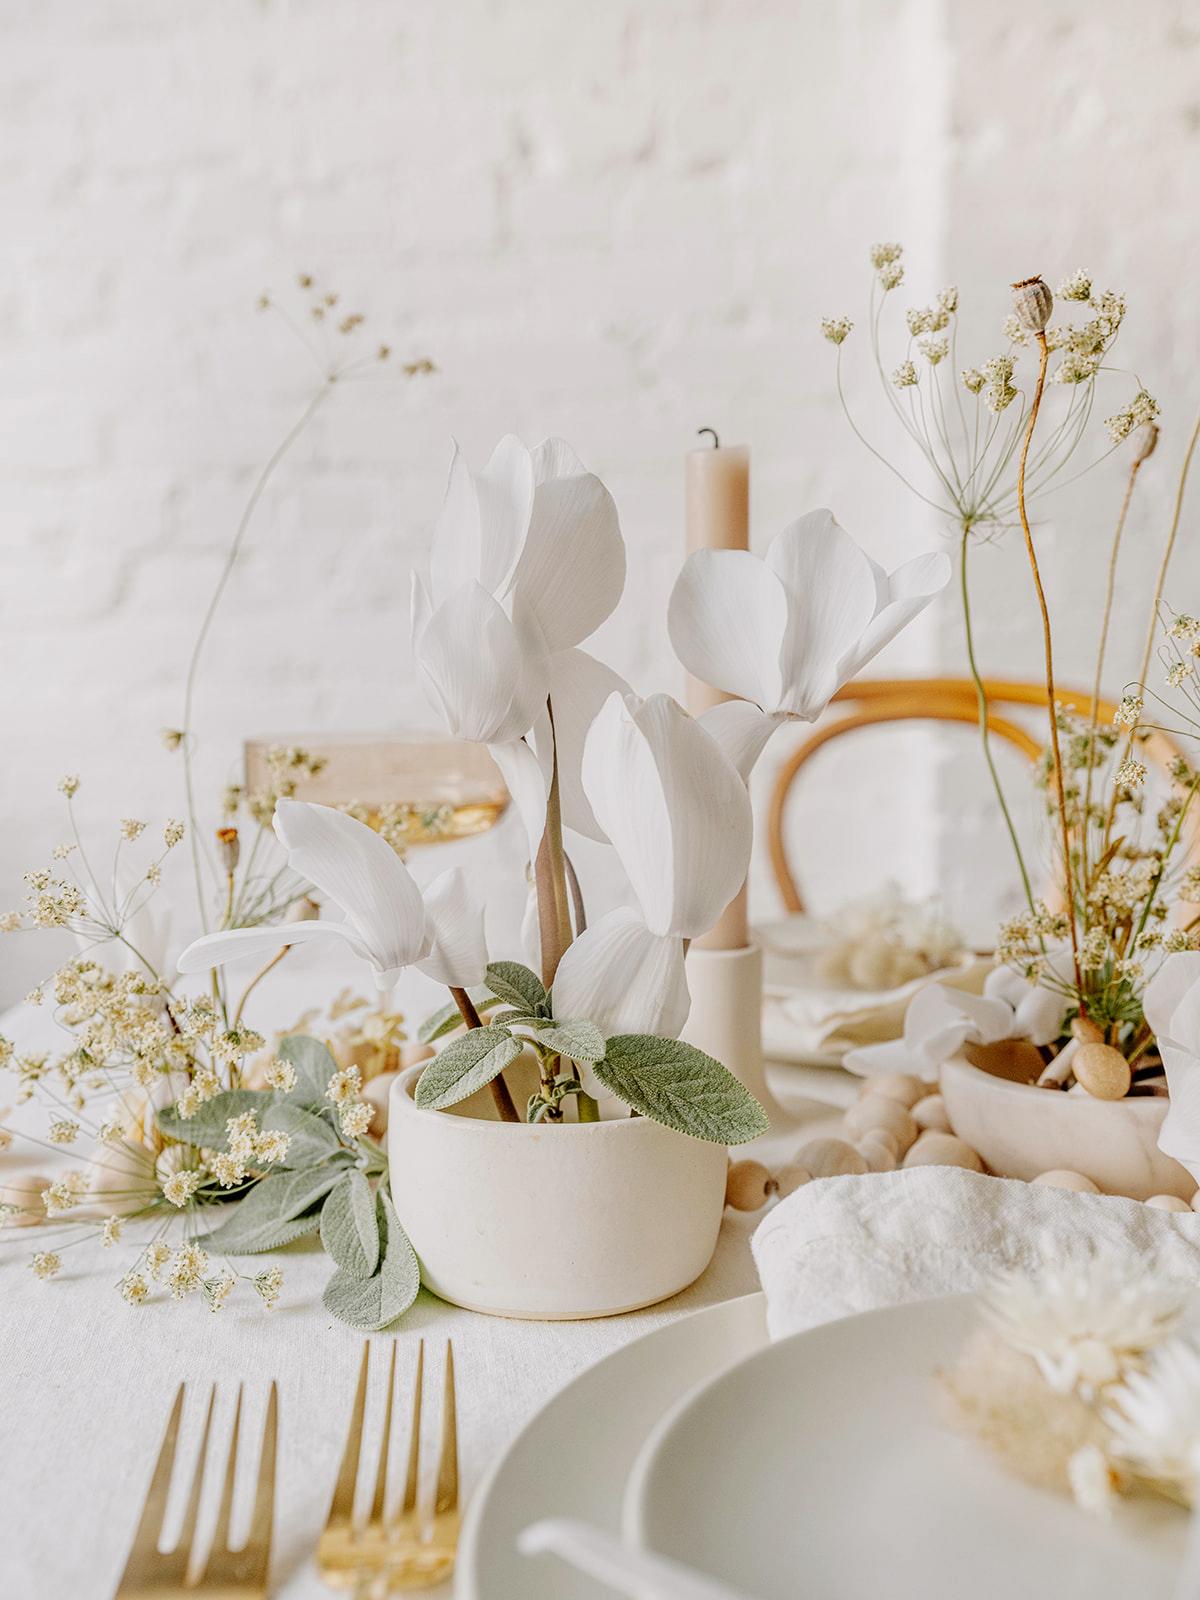 мир, любовь и грибы кокосовый келли праздничный стол 2020